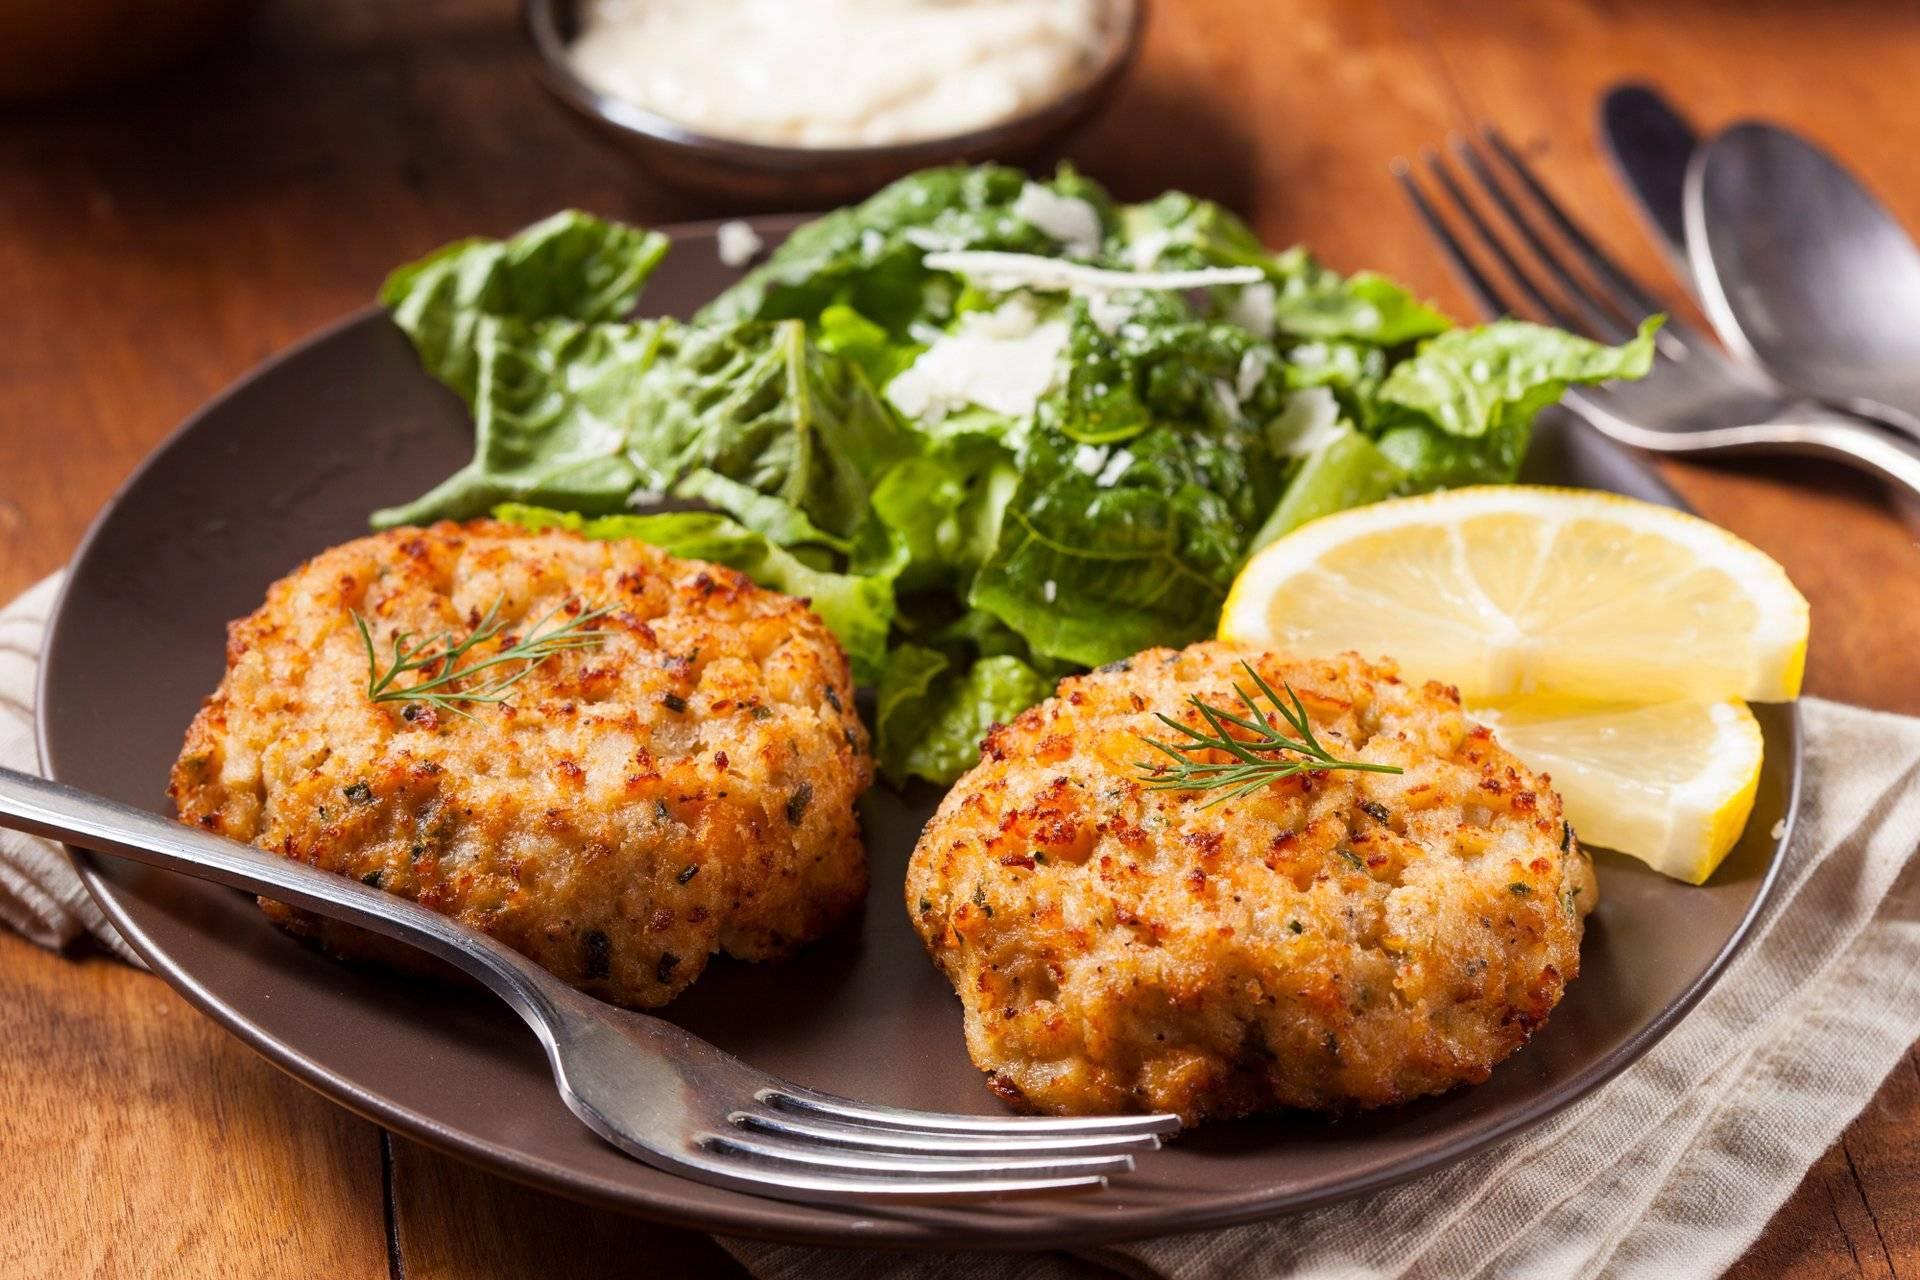 Рецепты блюд из рыбы для детей от 1г до 1,5 лет, блюдо из рыбы для детей   рецепт рыбного блюдо для дете от года